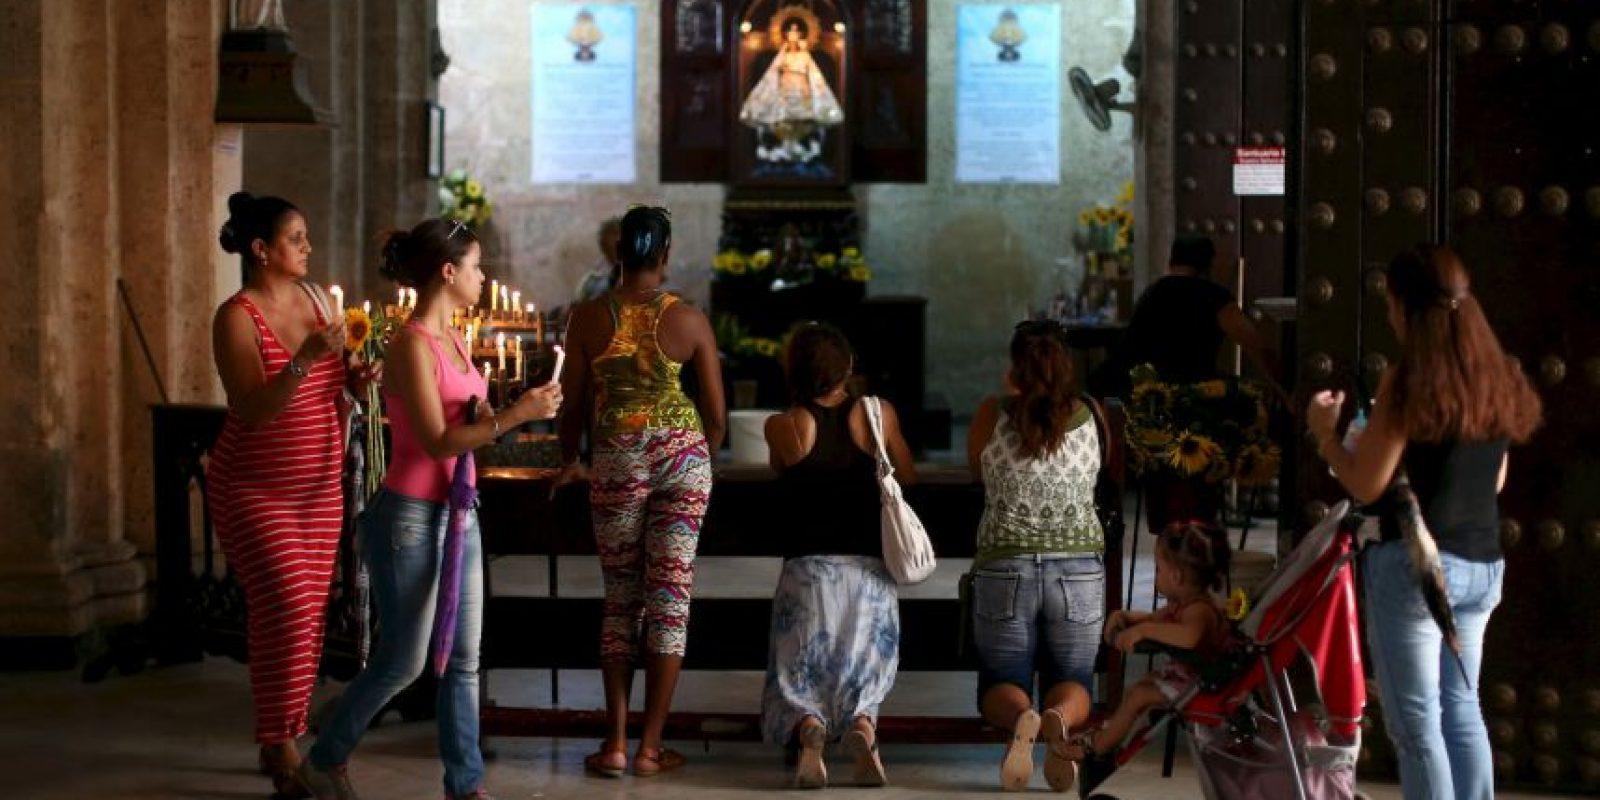 """En 2012, el papa Benedicto XVI le otorgó la """"Rosa de Oro de las Cristianidad"""", con motivo del aniversario número 400 de su aparición. Foto:Getty Images"""